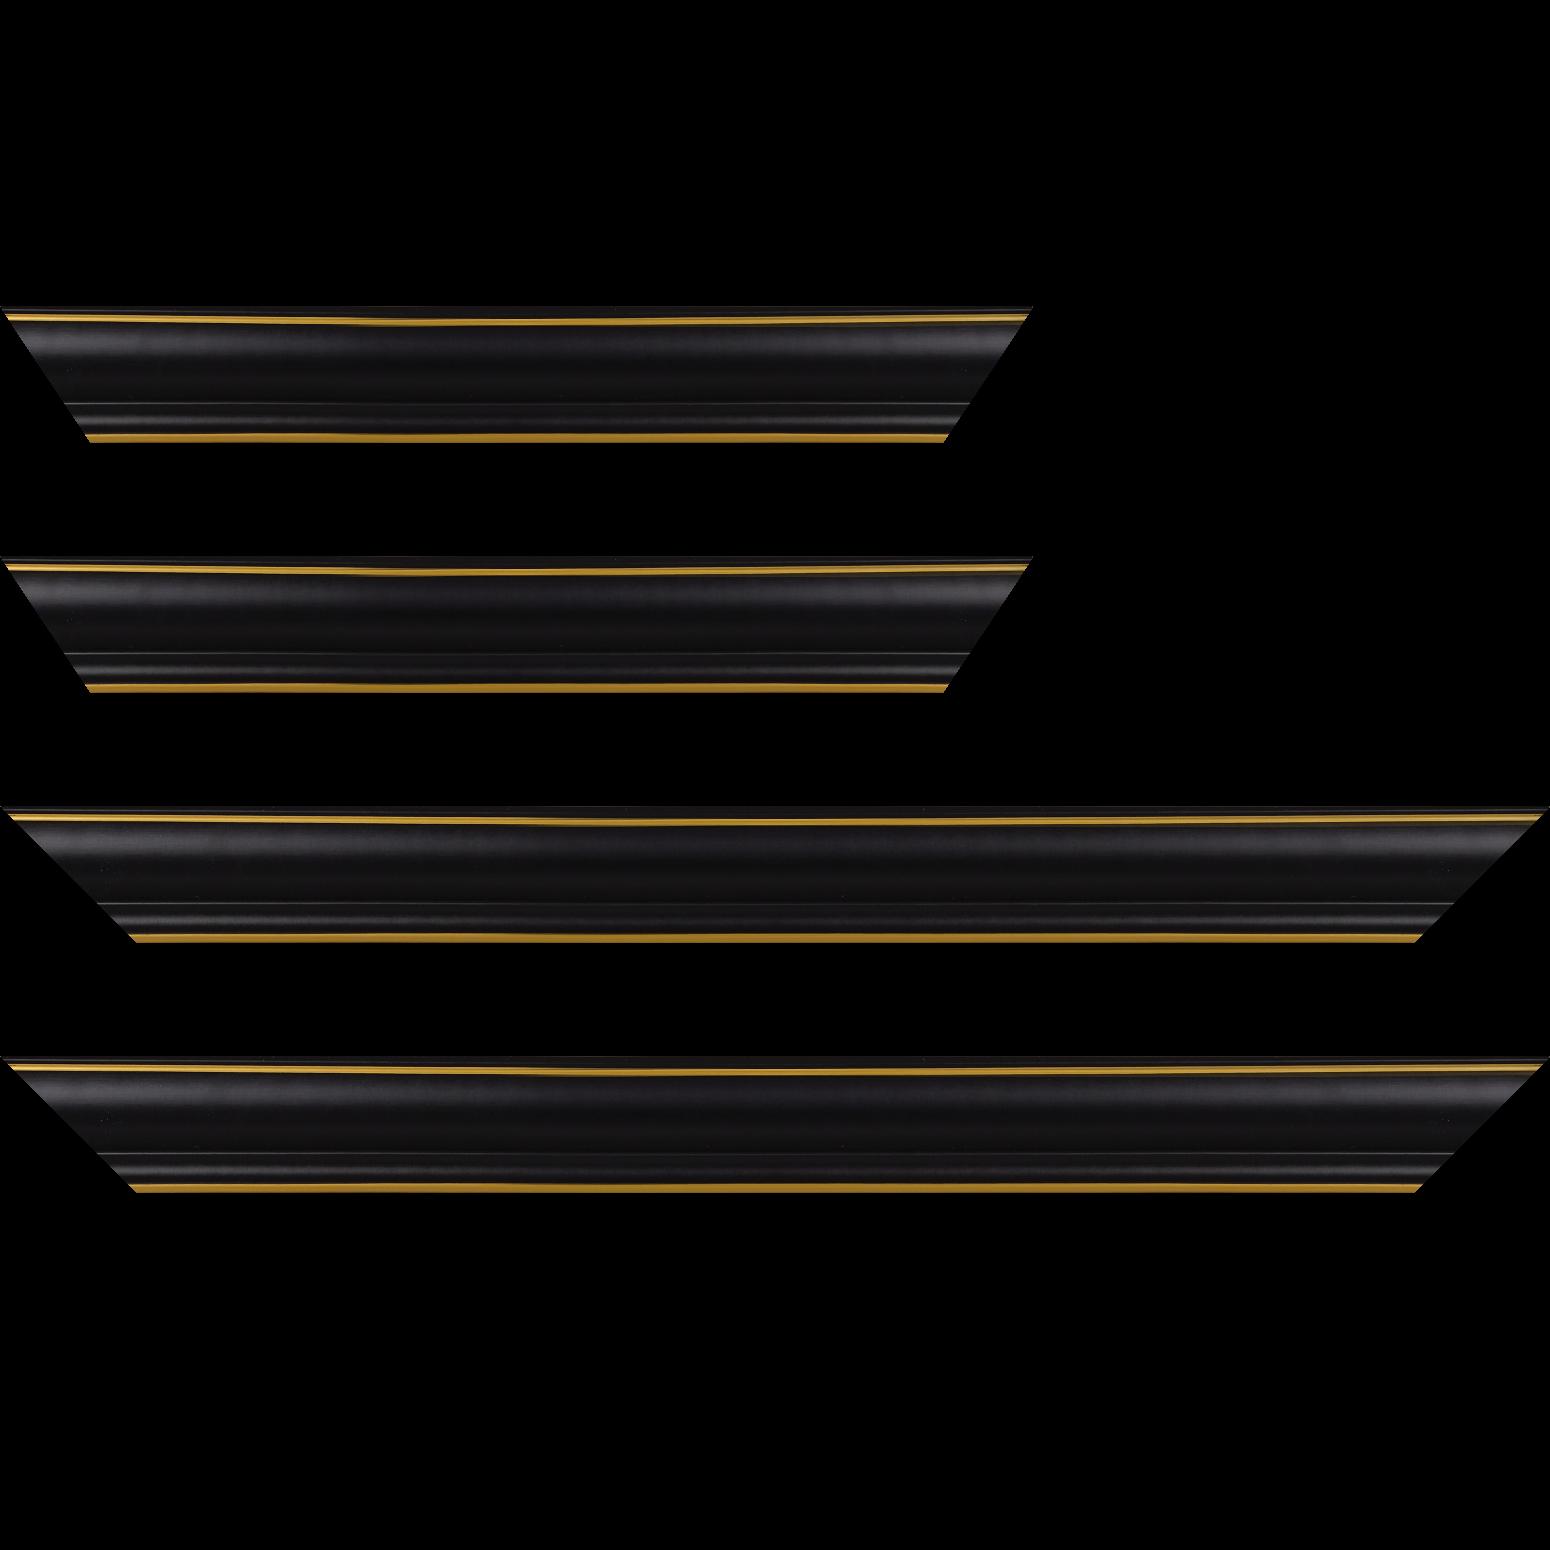 Baguette service précoupé Bois profil doucine inversée largeur 4.4cm  couleur noire satiné filet or